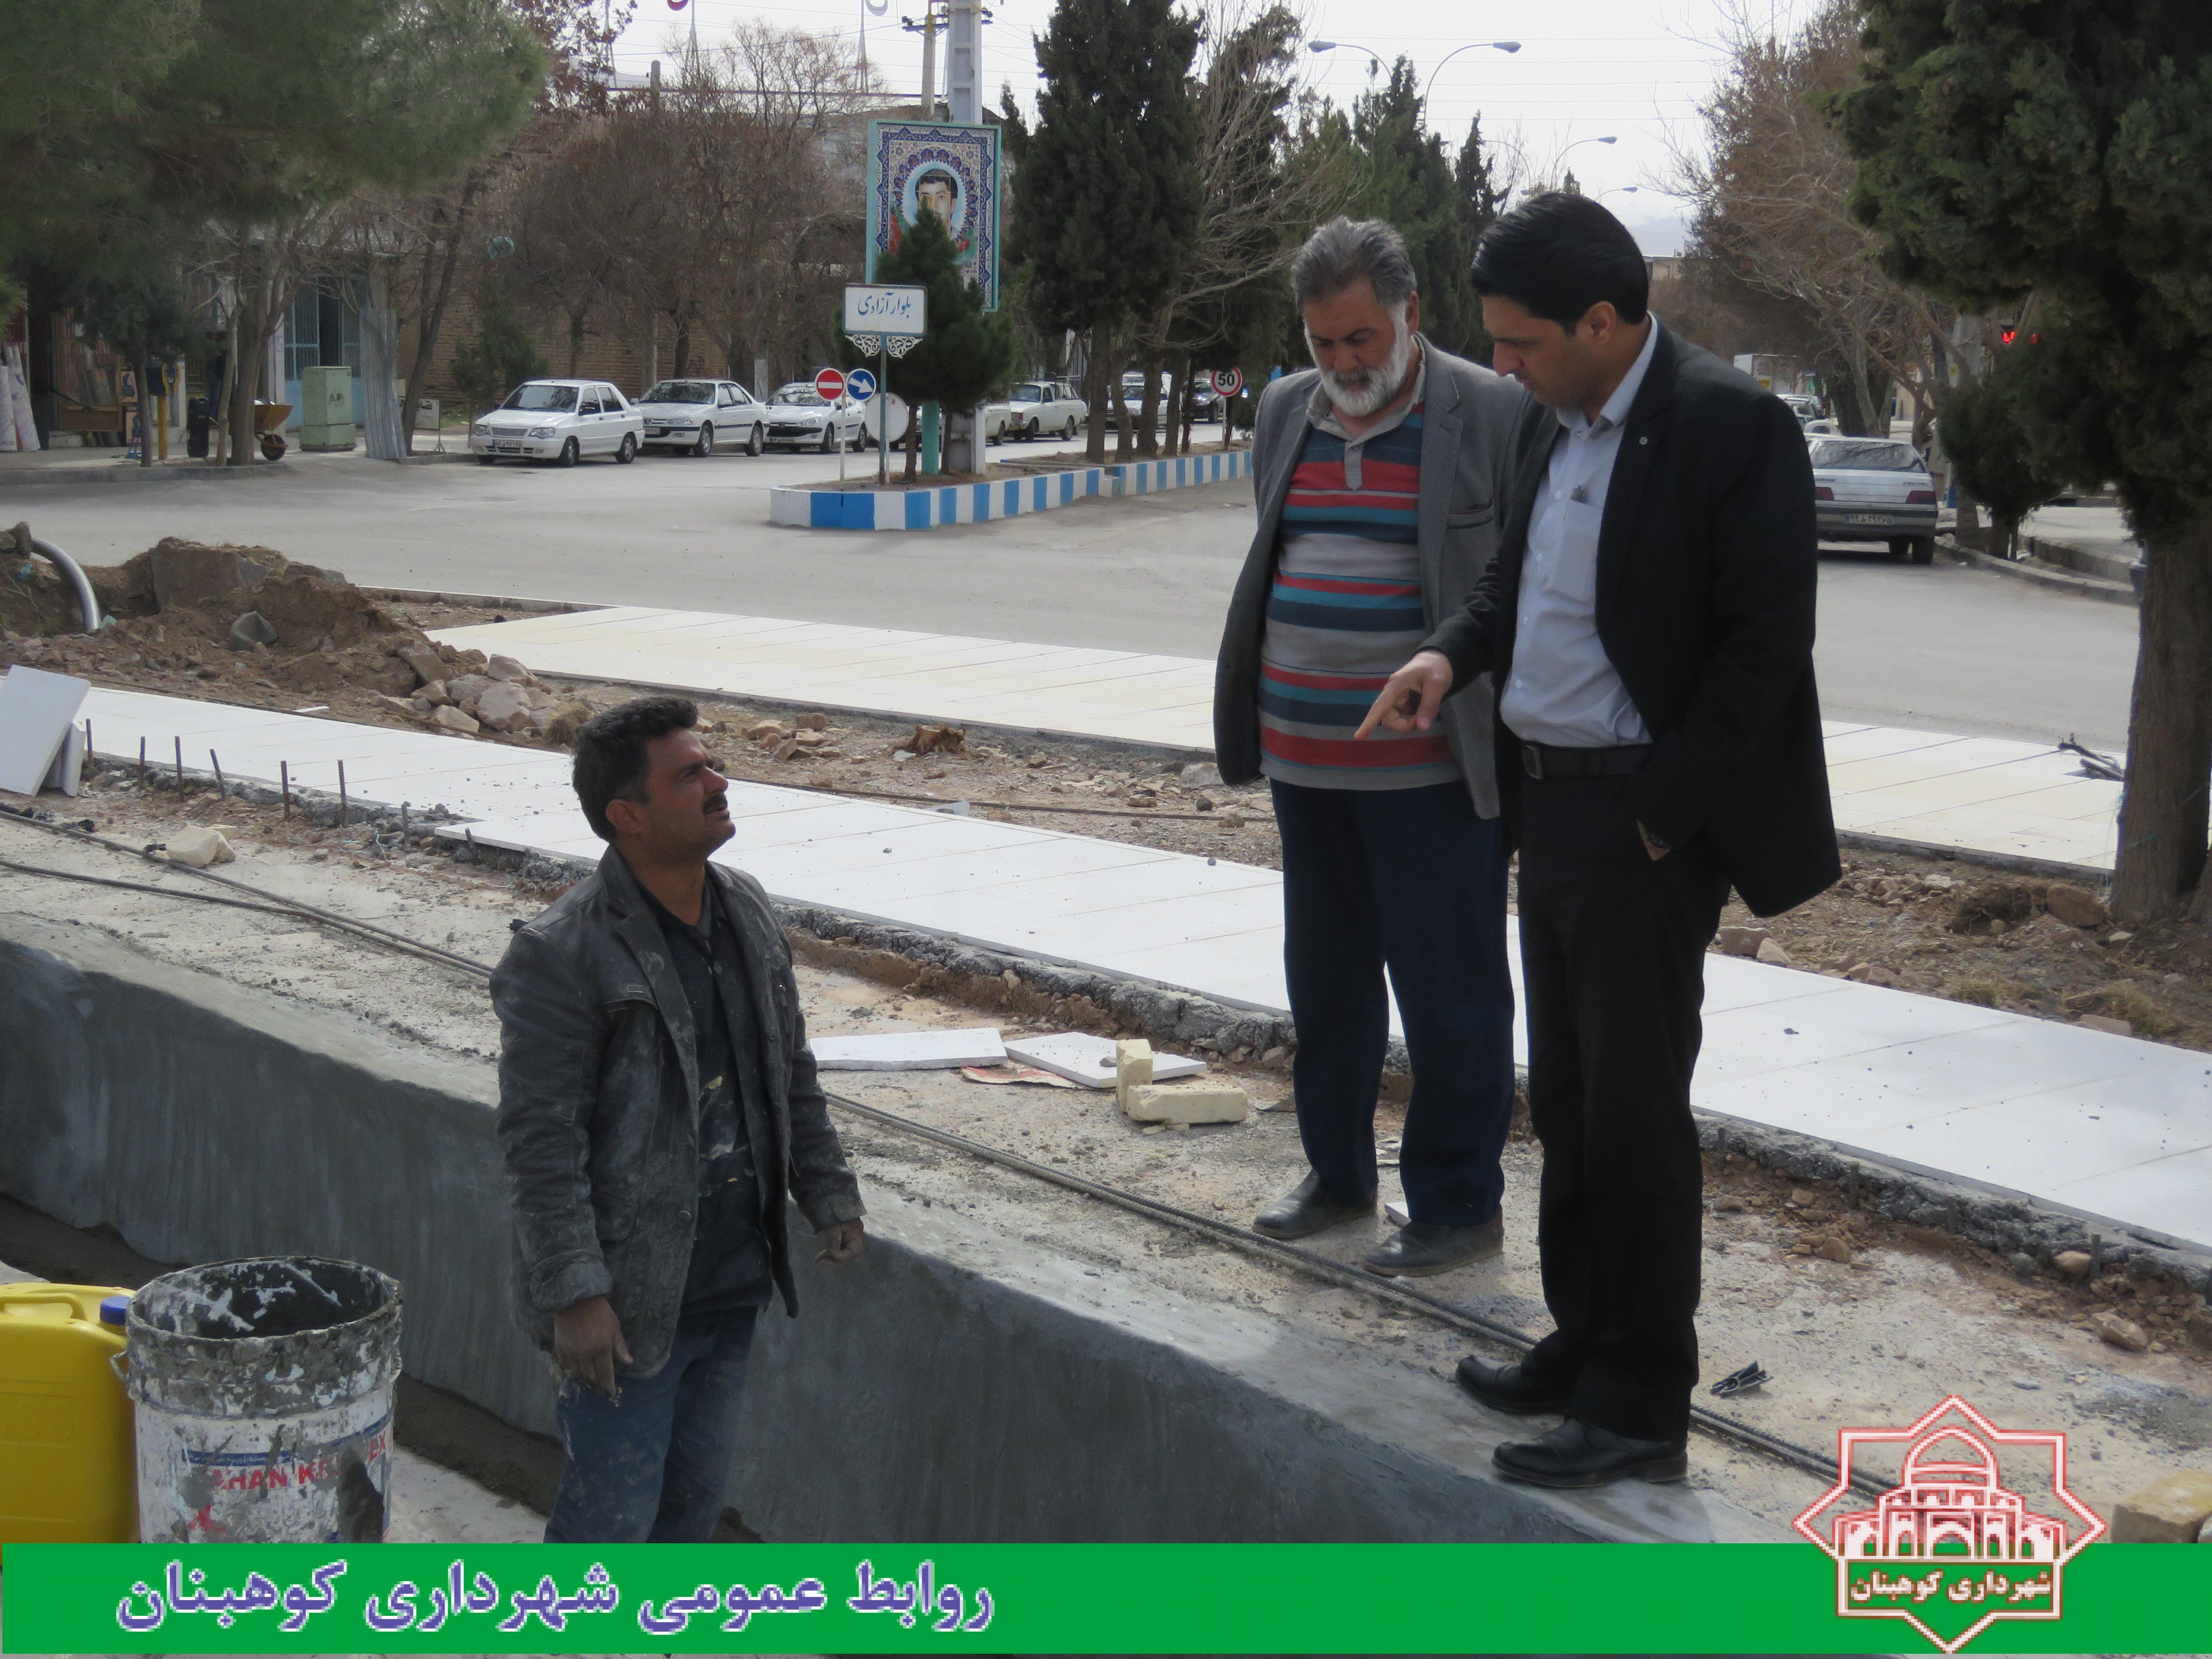 بازدید شهردار از روند عملیات اجرایی پروژه بازسازی و زیباسازی میدان شهدا